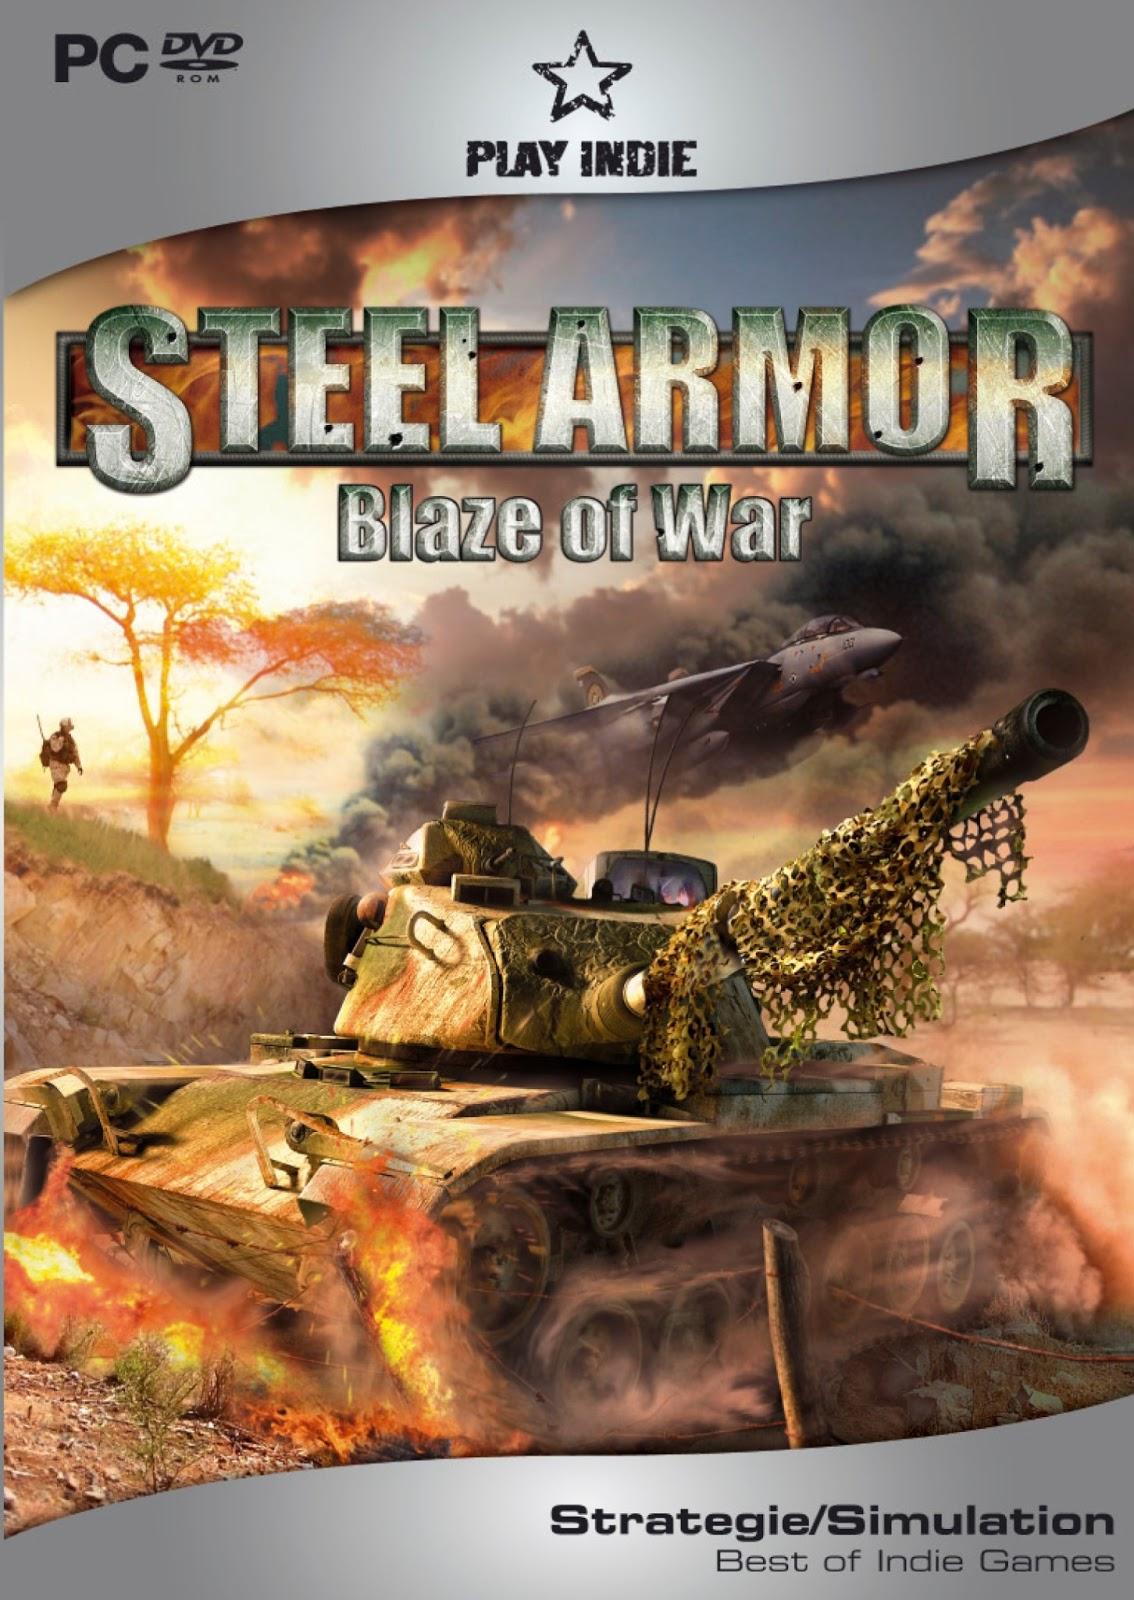 steelarmorpackshot_indie